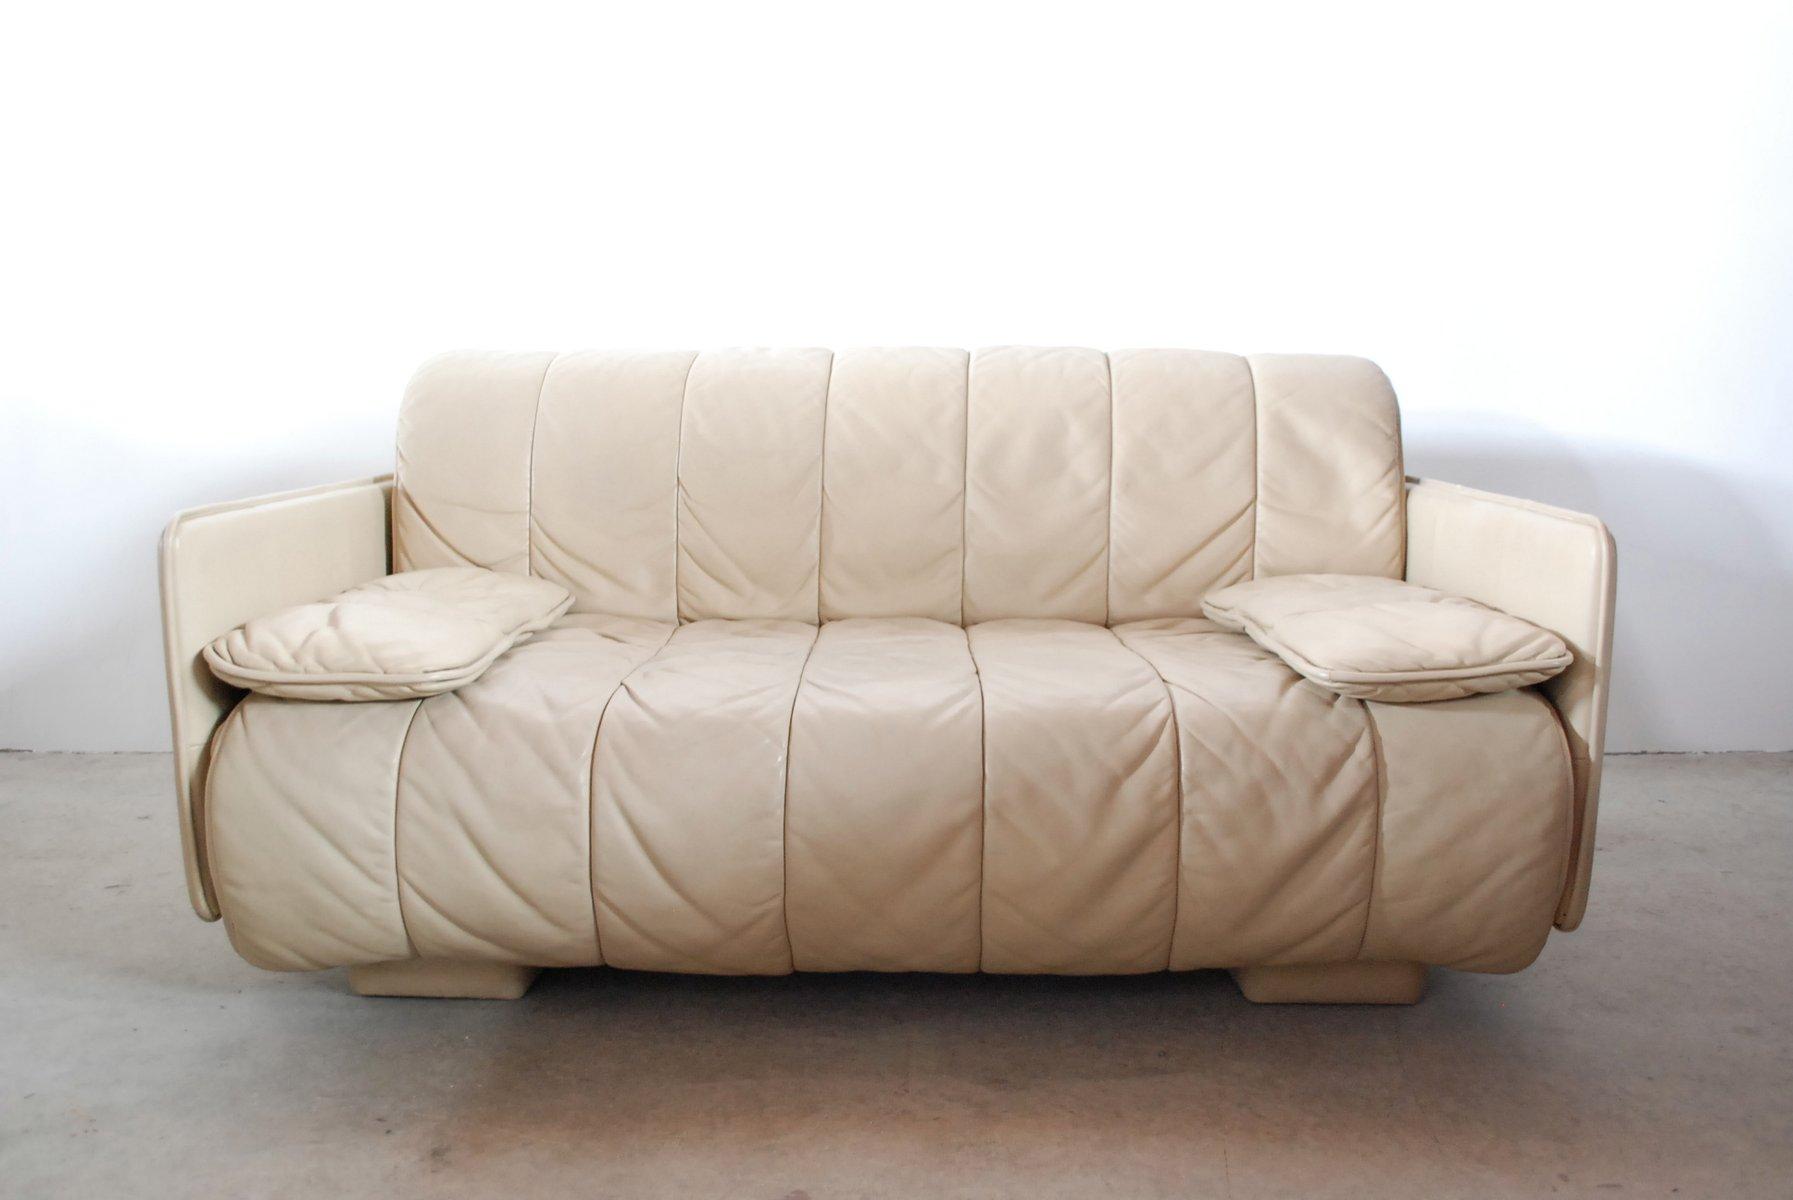 canap en cuir de de sede suisse 1980s en vente sur pamono. Black Bedroom Furniture Sets. Home Design Ideas